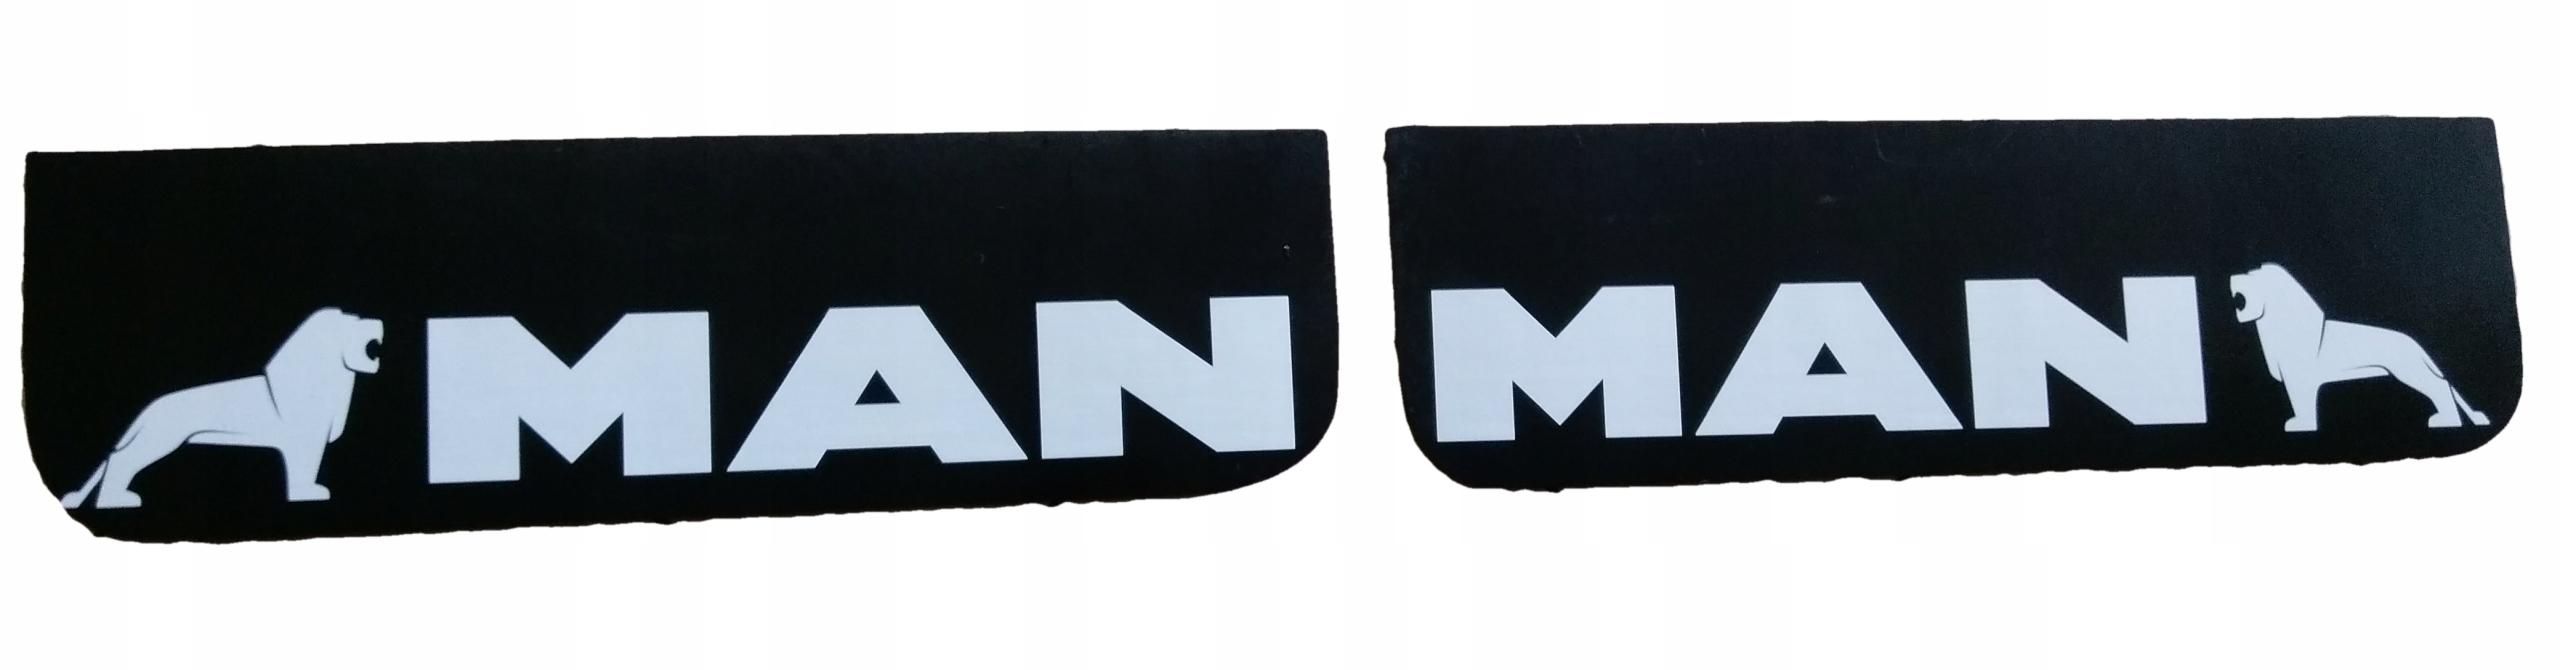 Крышка фартука Mudflap MAN logo ЦЕНА на 2 ШТ.